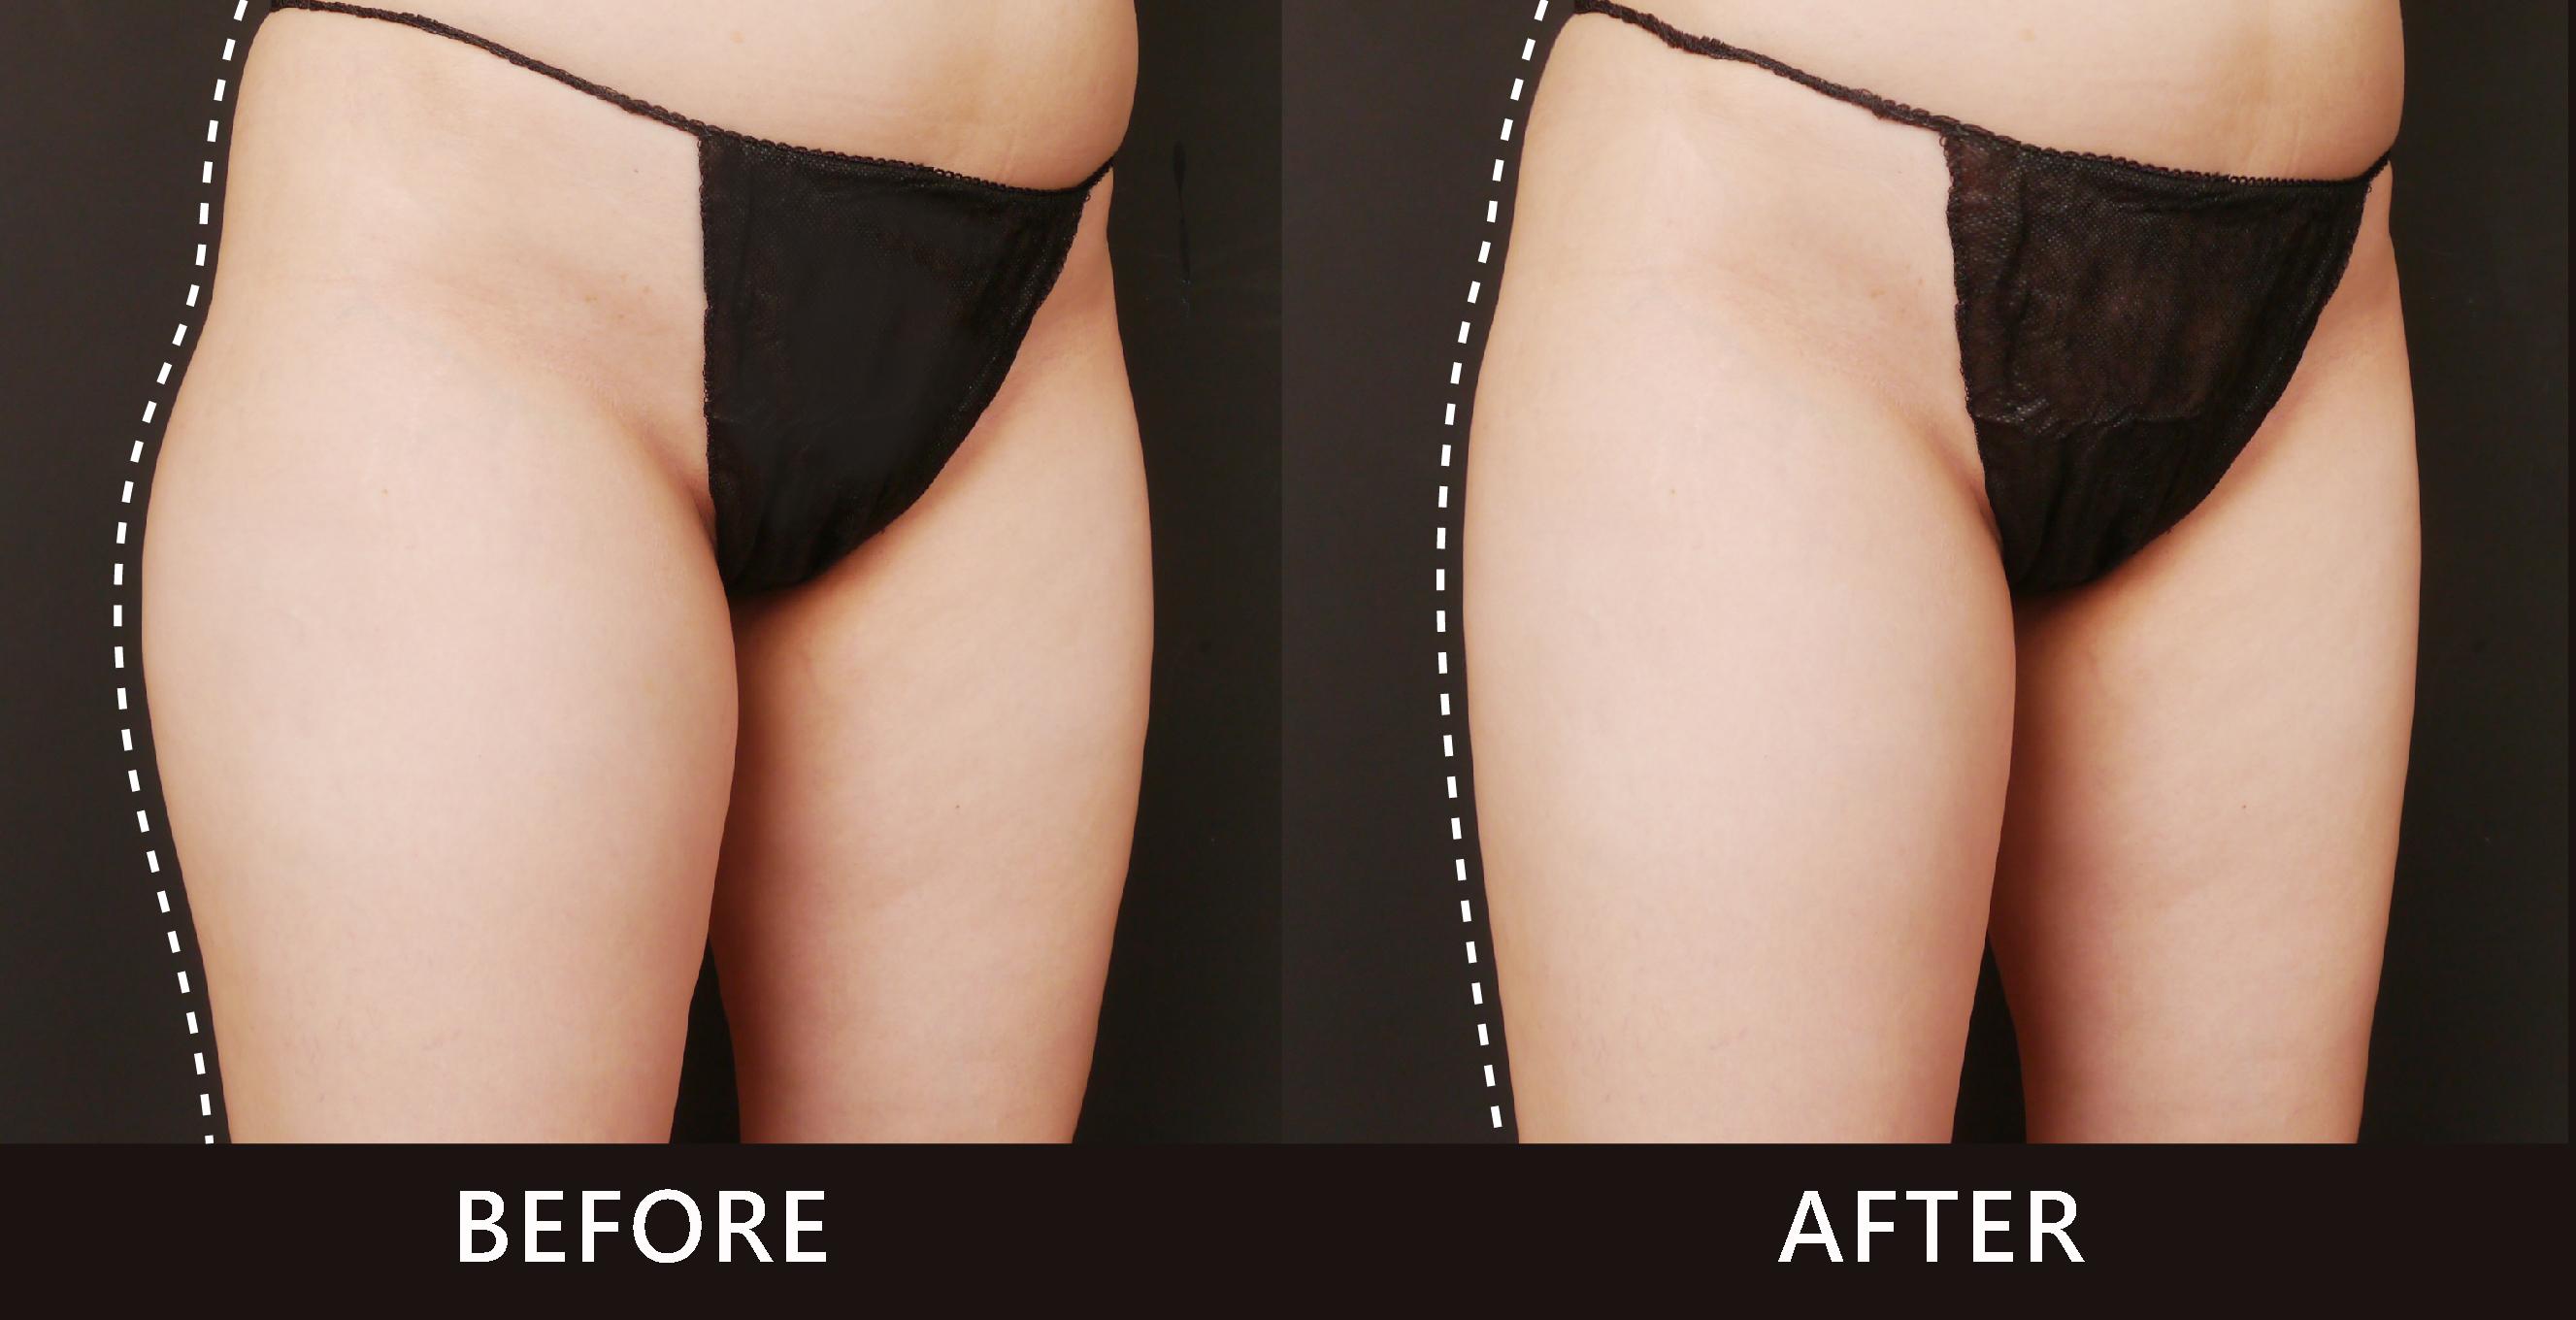 大腿外側脂肪堆積不見了,曲線變得直且順。(效果因個案而異)